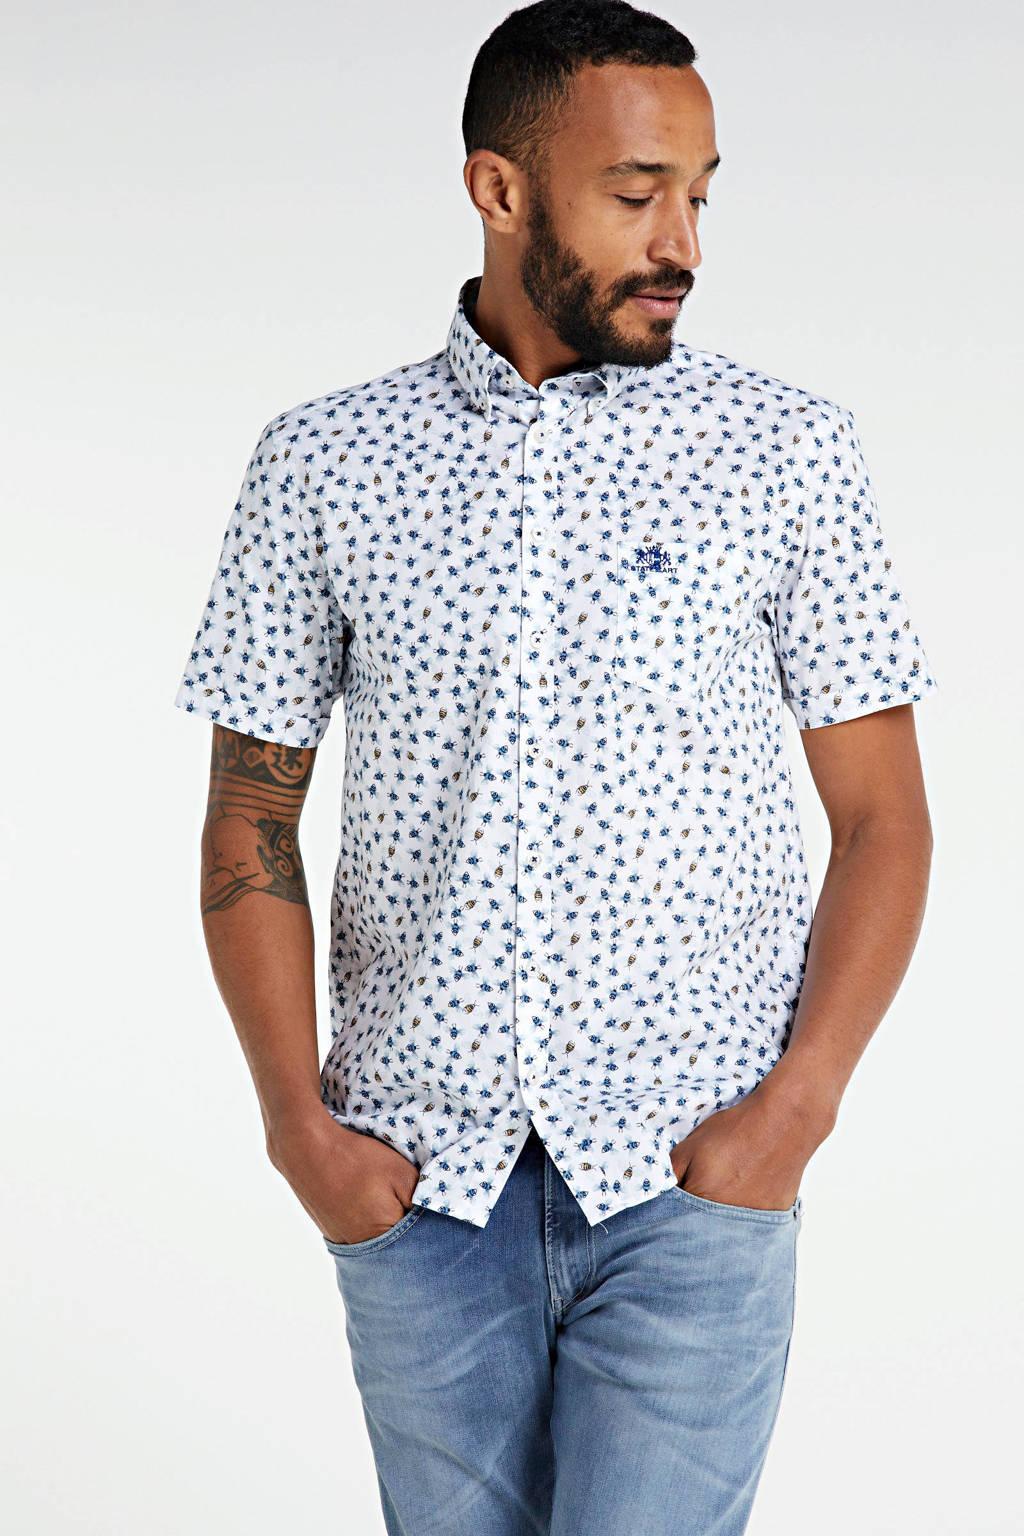 State of Art regular fit overhemd met all over print wit/blauw/geel, Wit/blauw/geel